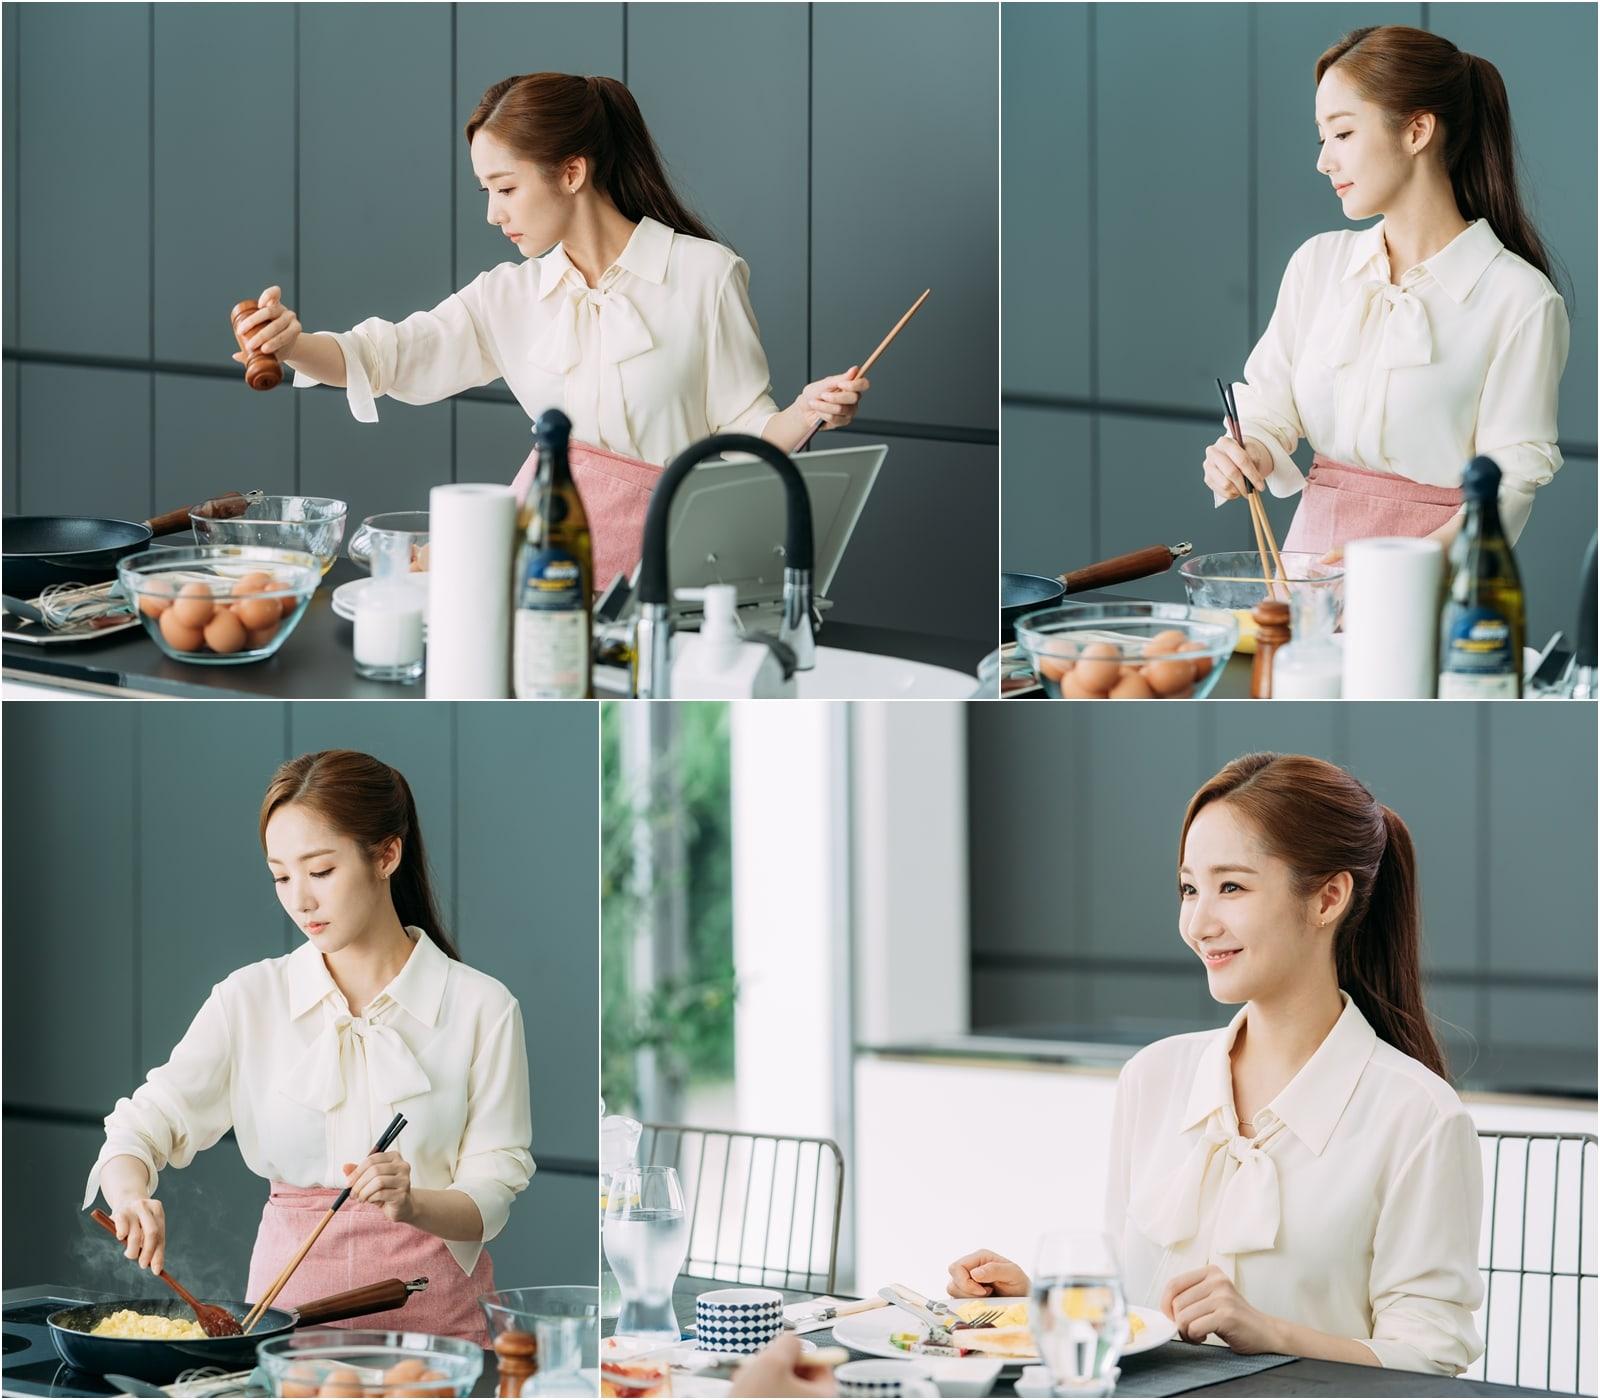 Thư ký Kim lần đầu tự tay nấu bữa sáng tình yêu cho Park Seo Joon - Ảnh 3.